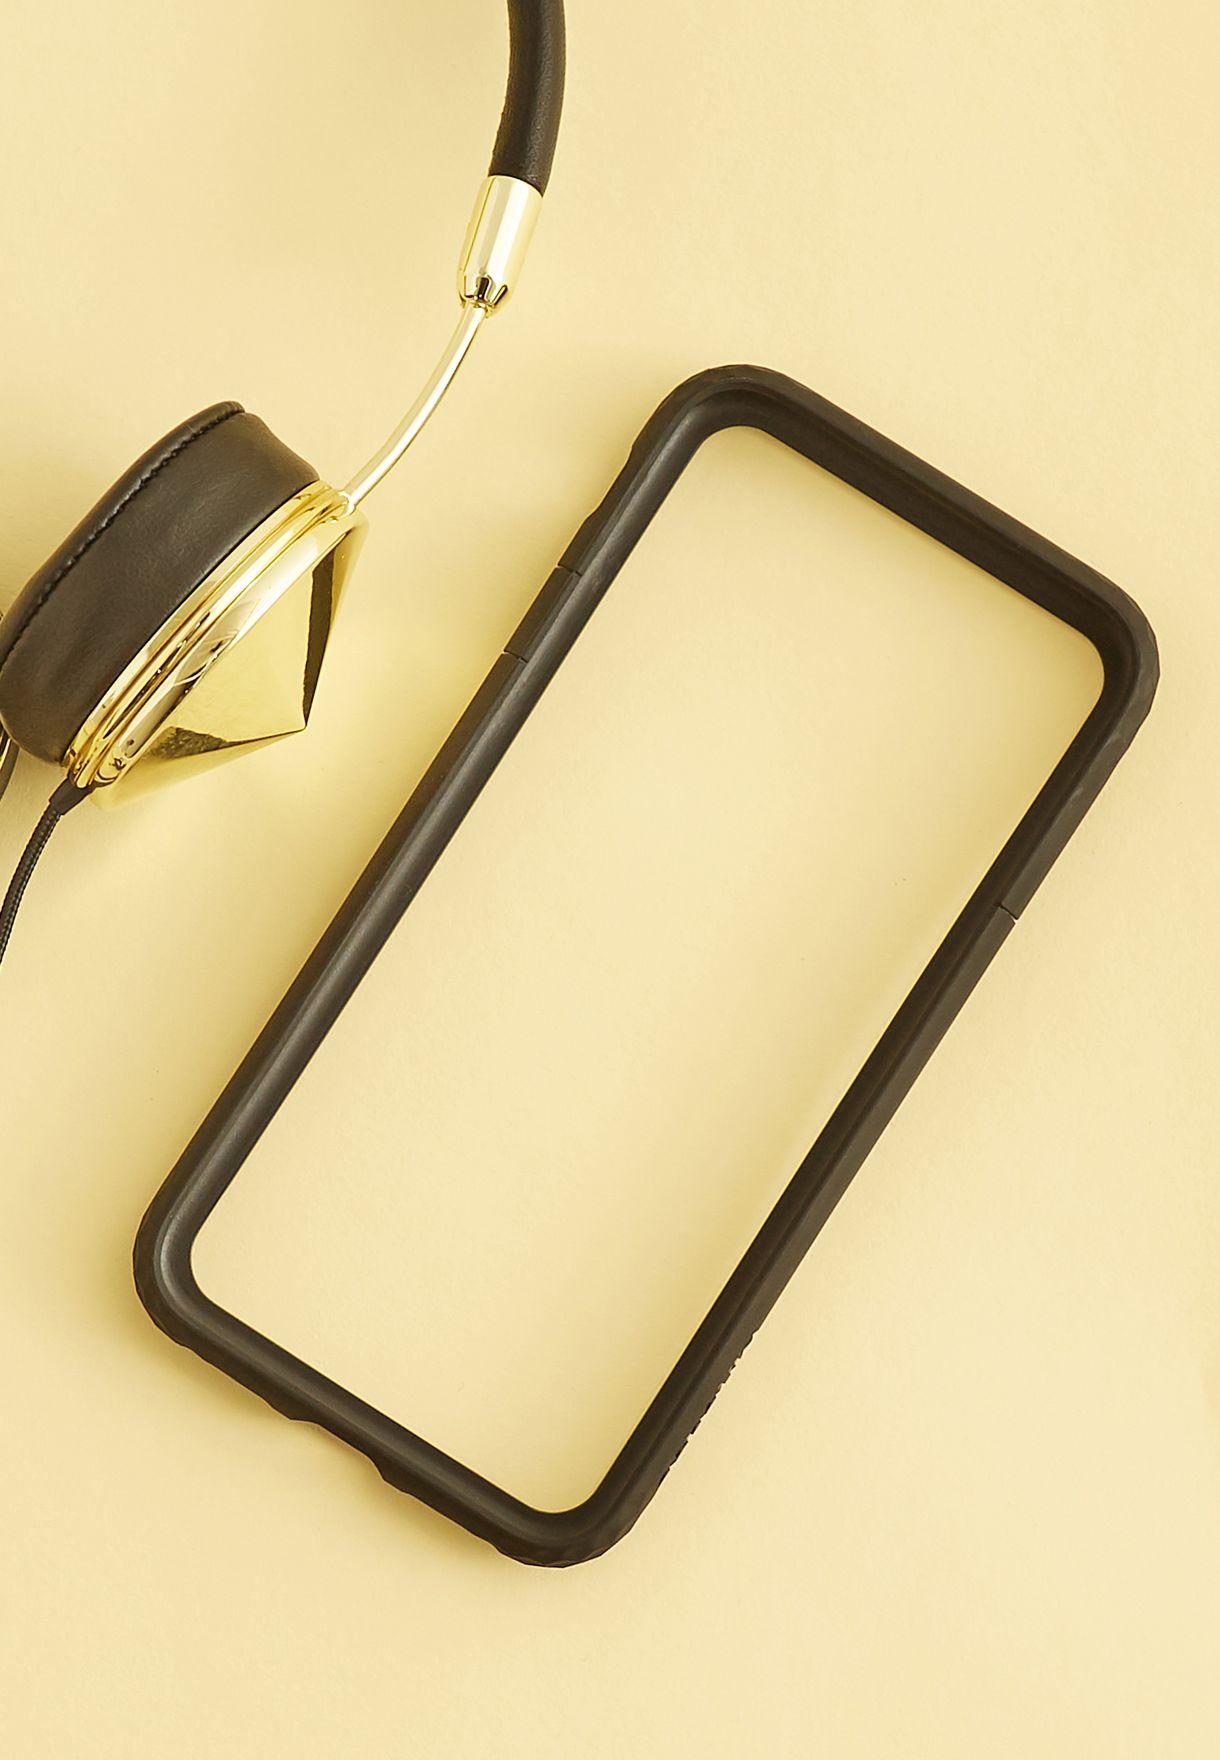 حافظة هاتف آيفون X مقاومة للصدمات